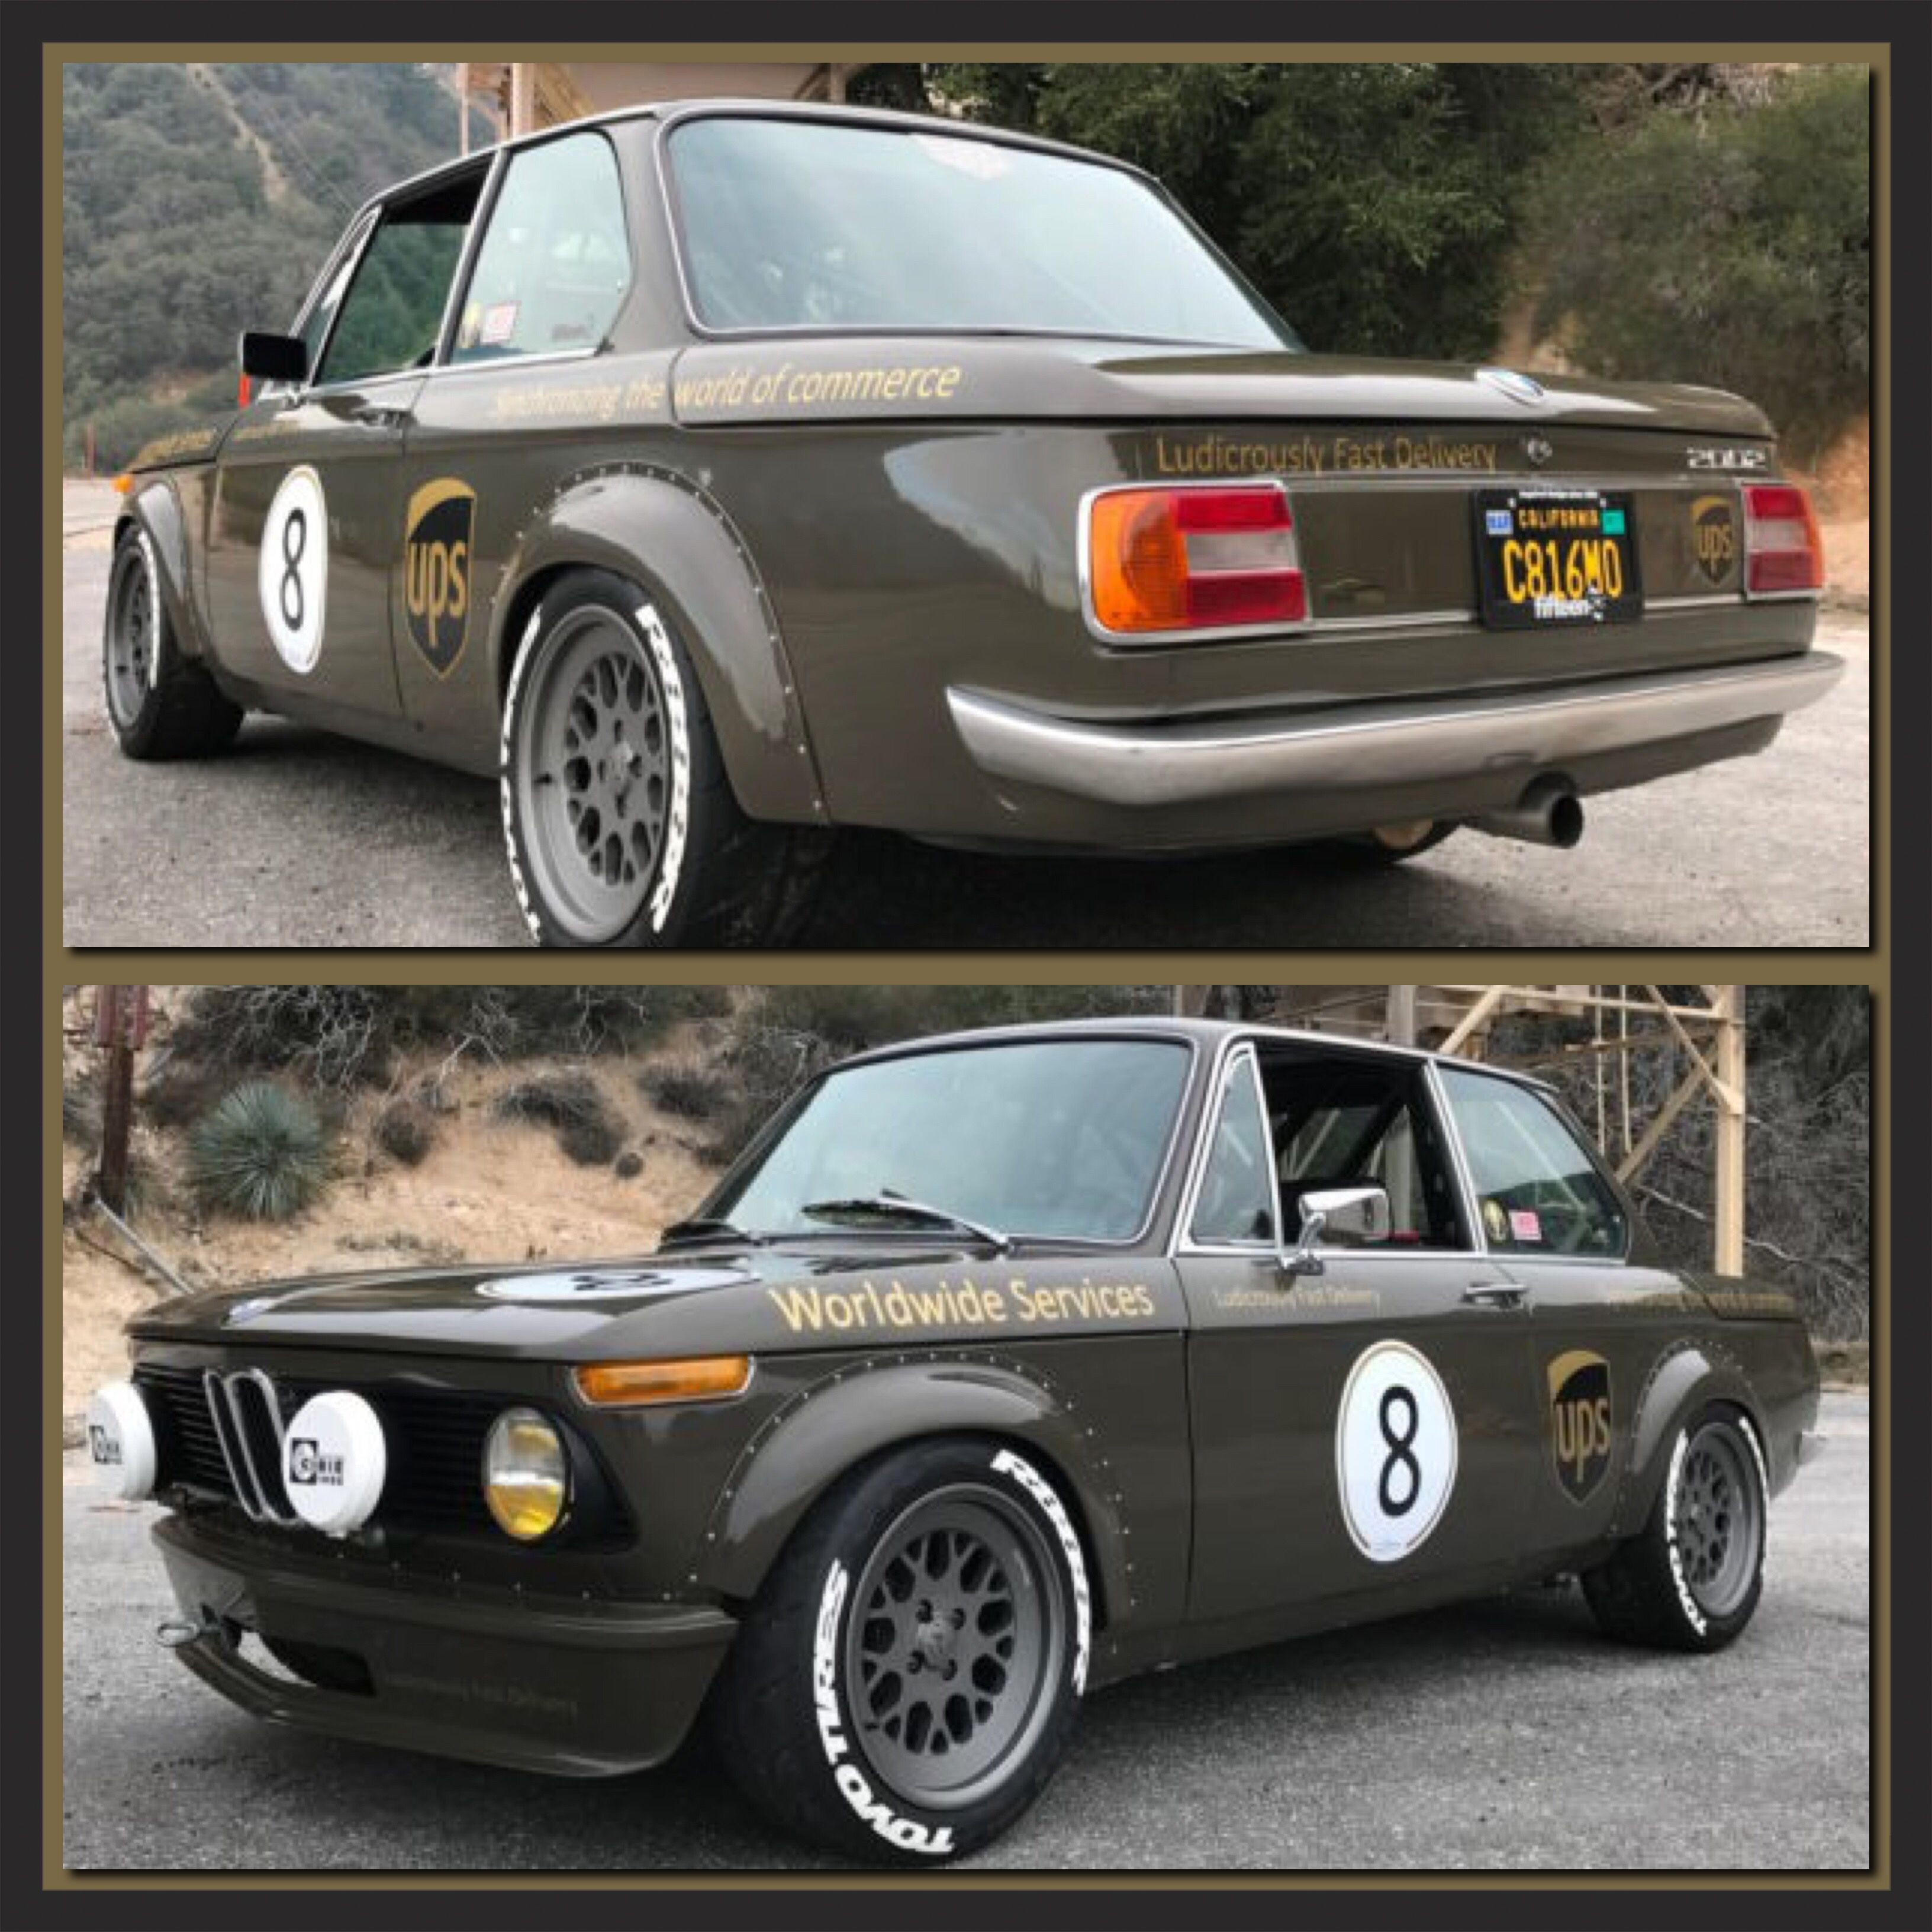 76 Bmw 2002 Modified: '74 Modified BMW 2002